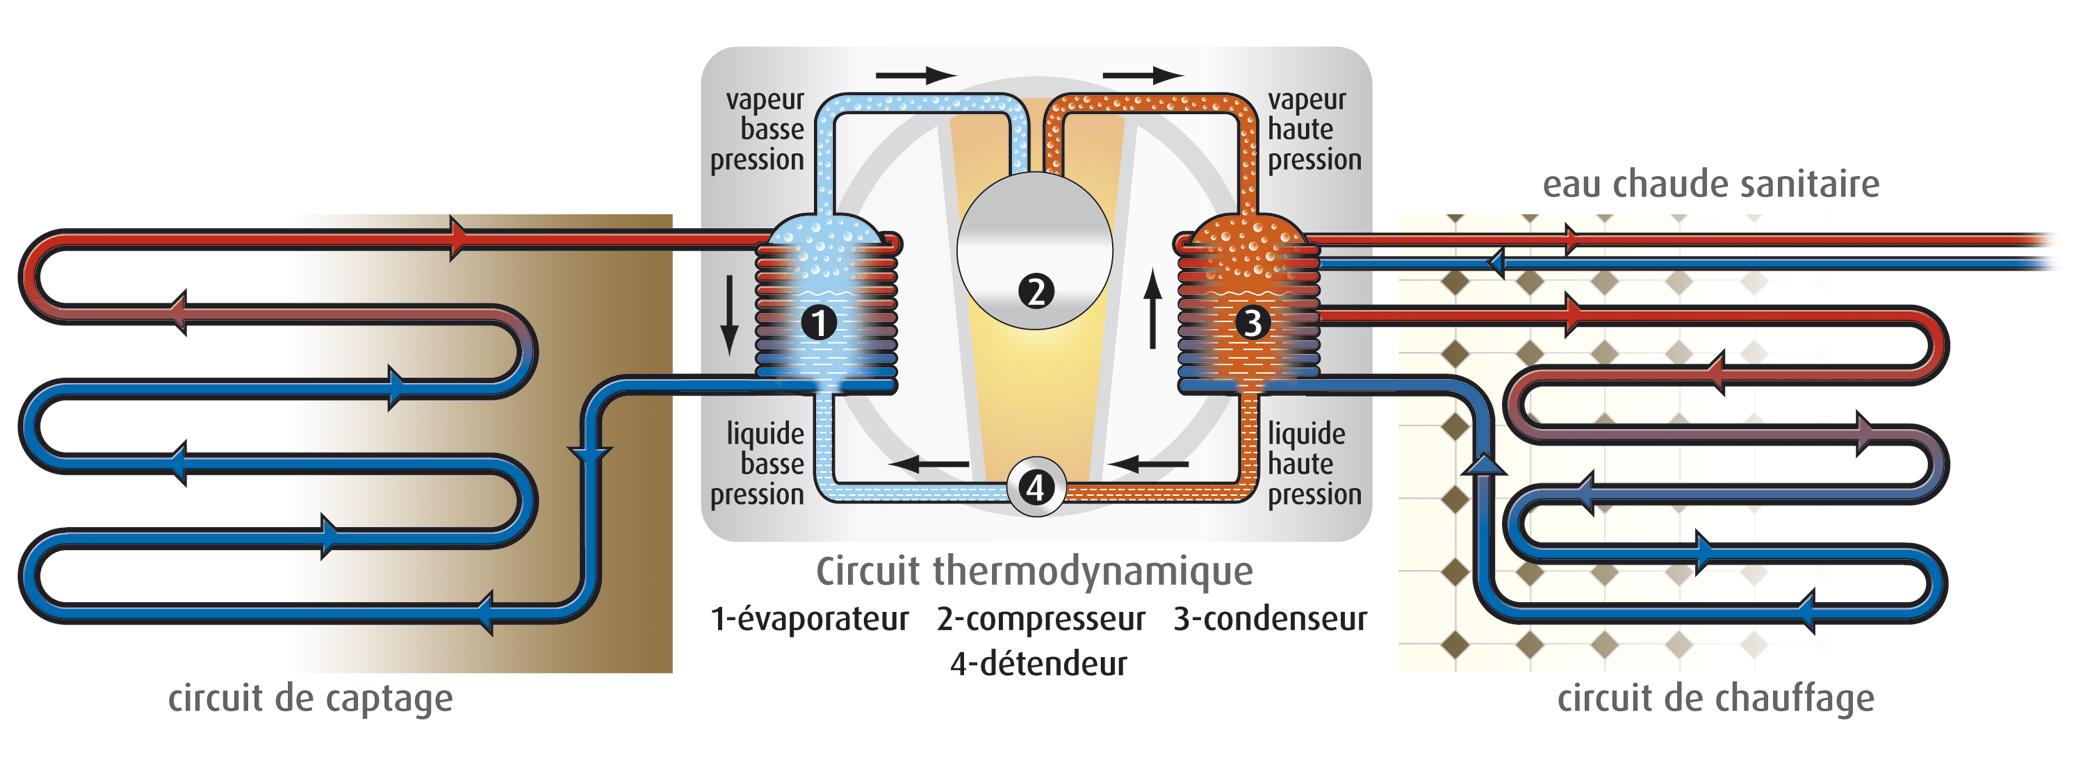 Pompe à chaleur basse pression